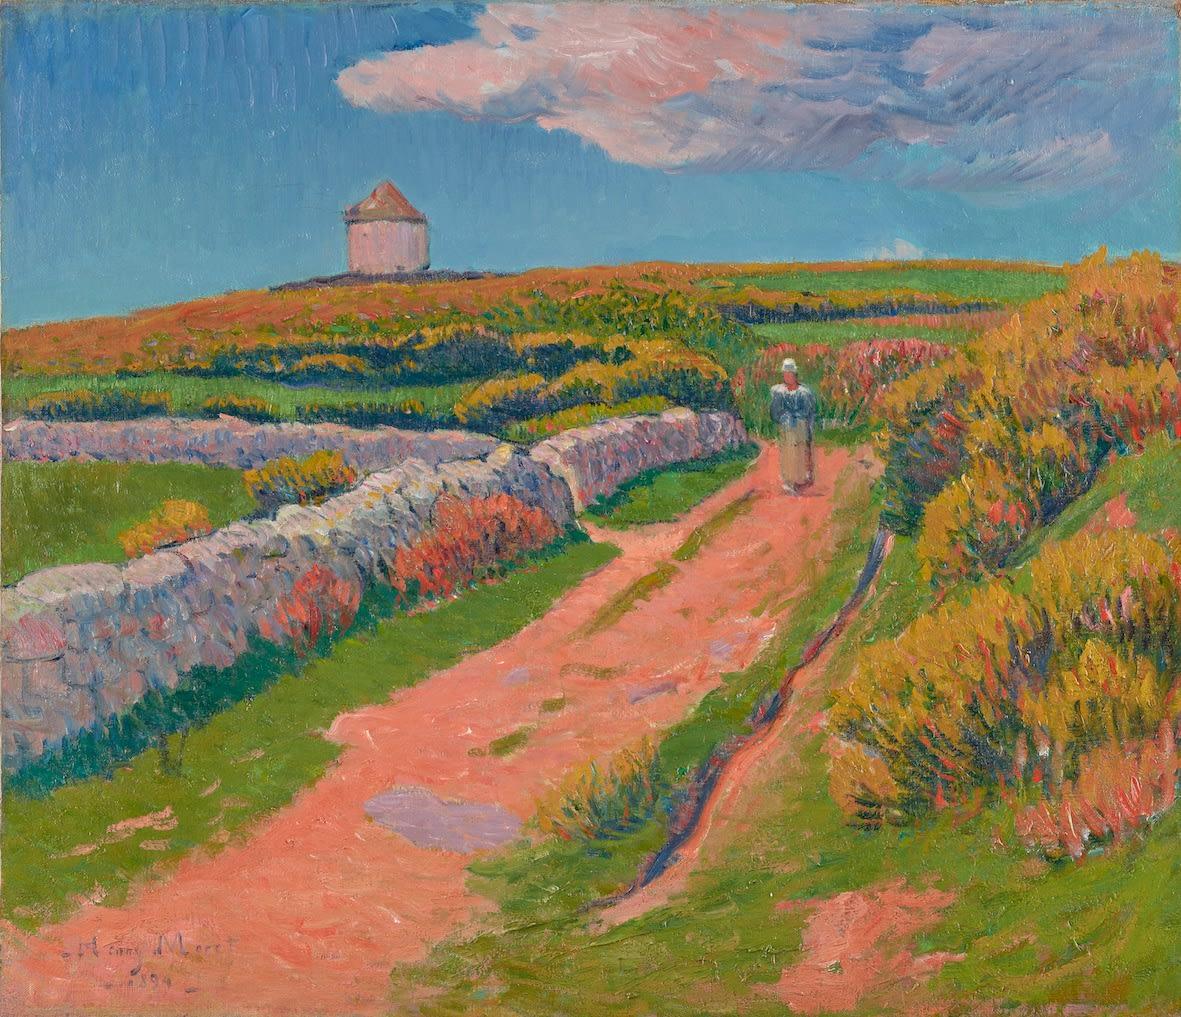 Henry Moret, Le chemin rose, 1894